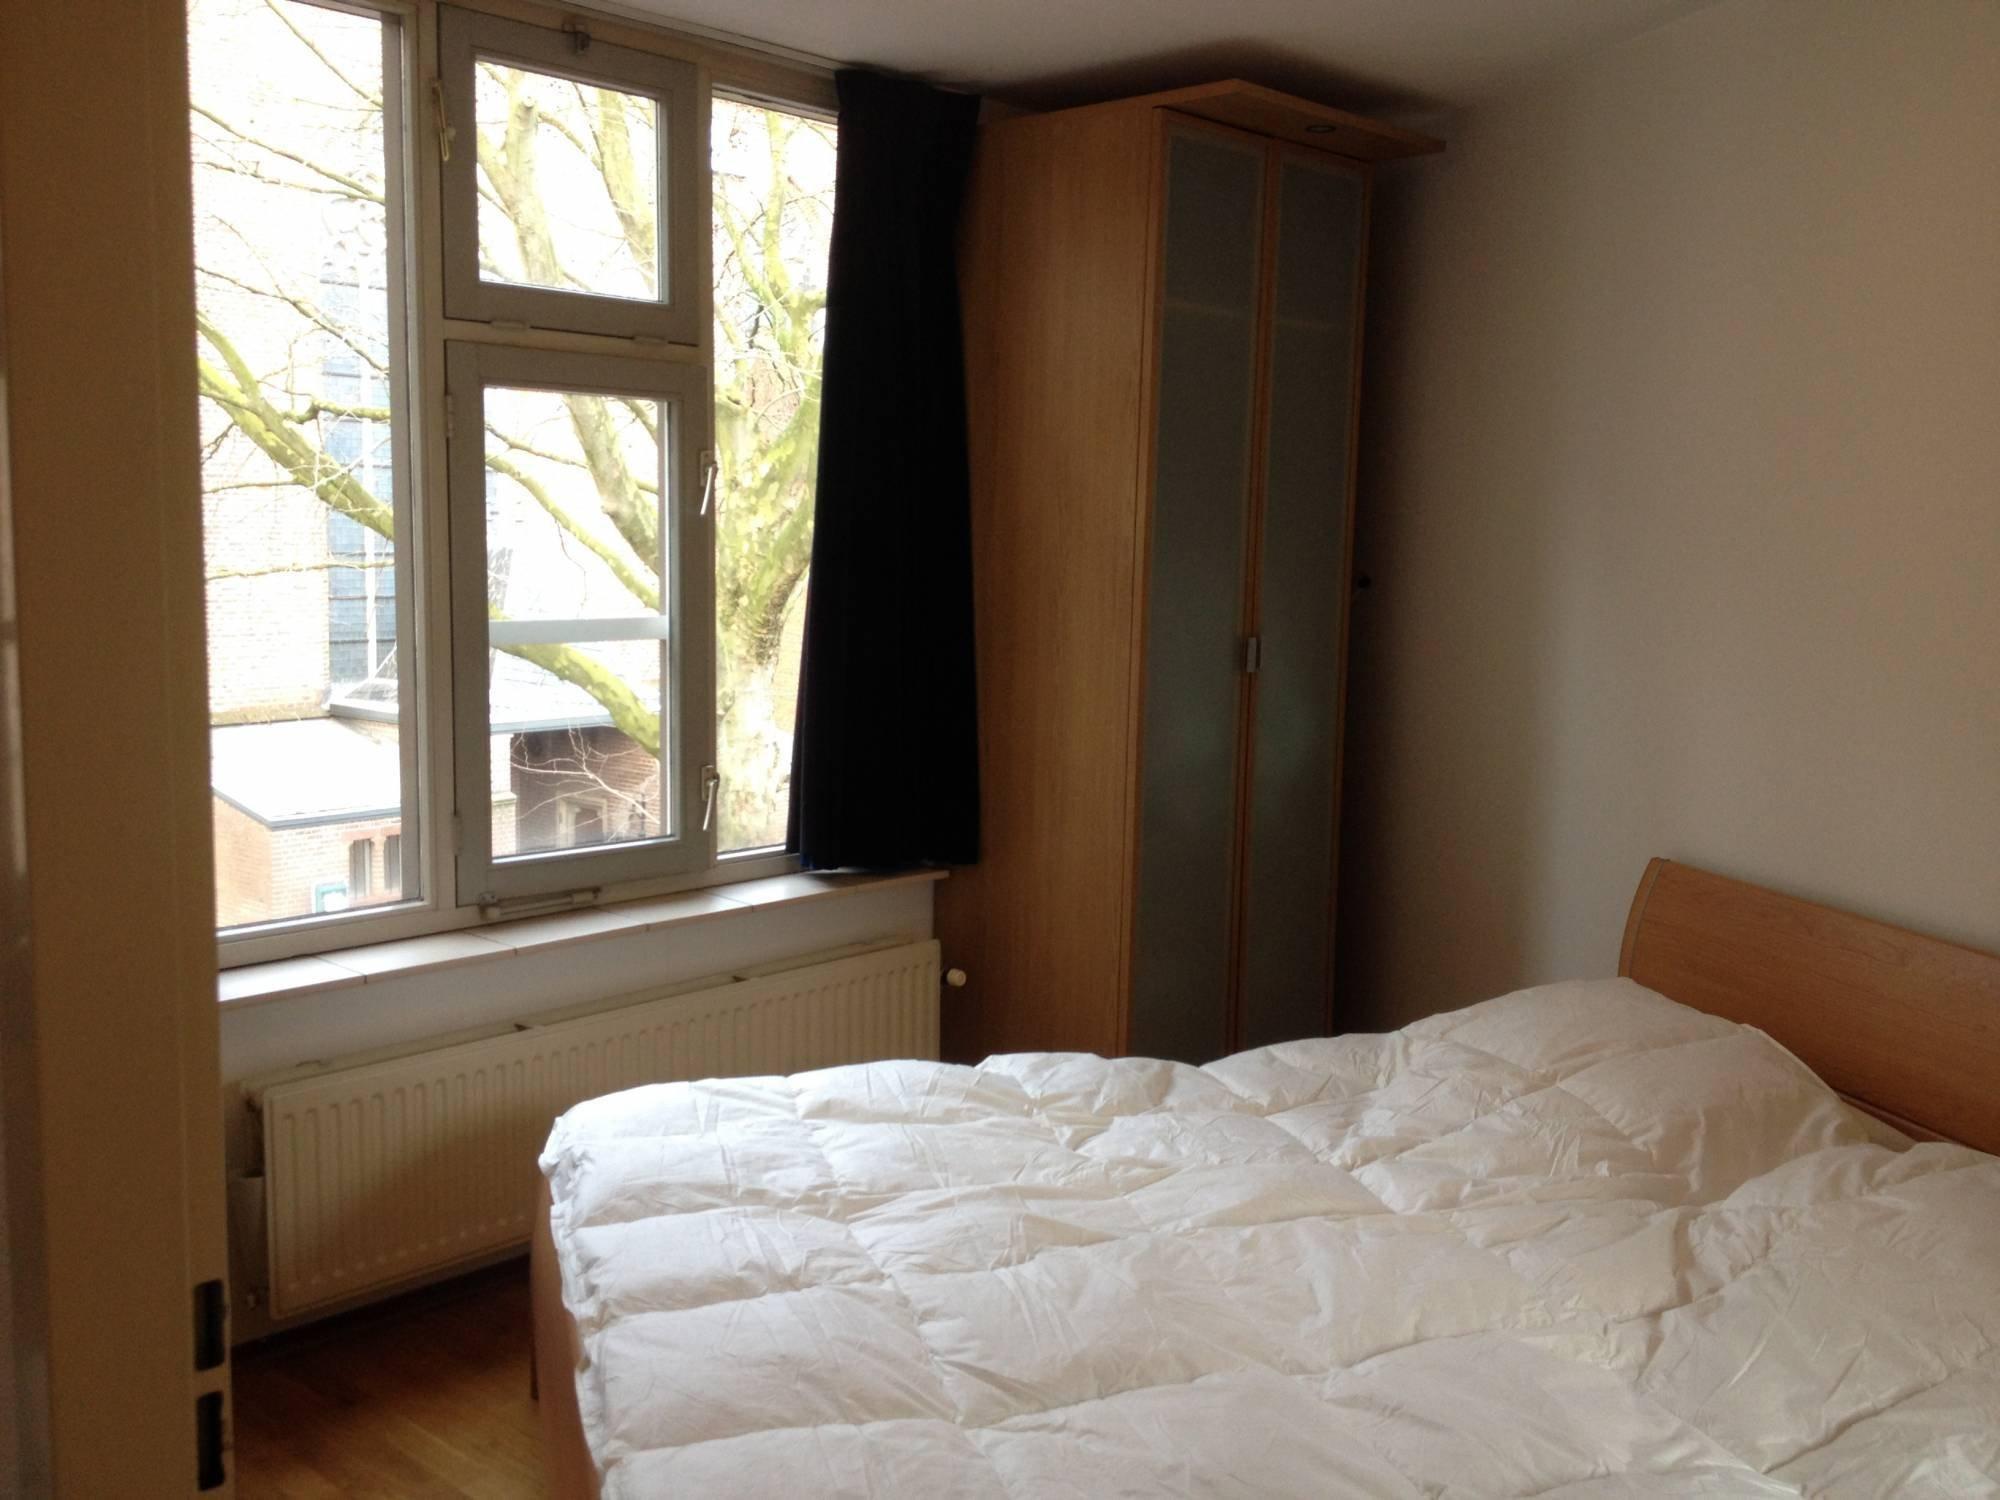 Rozenstraat 30